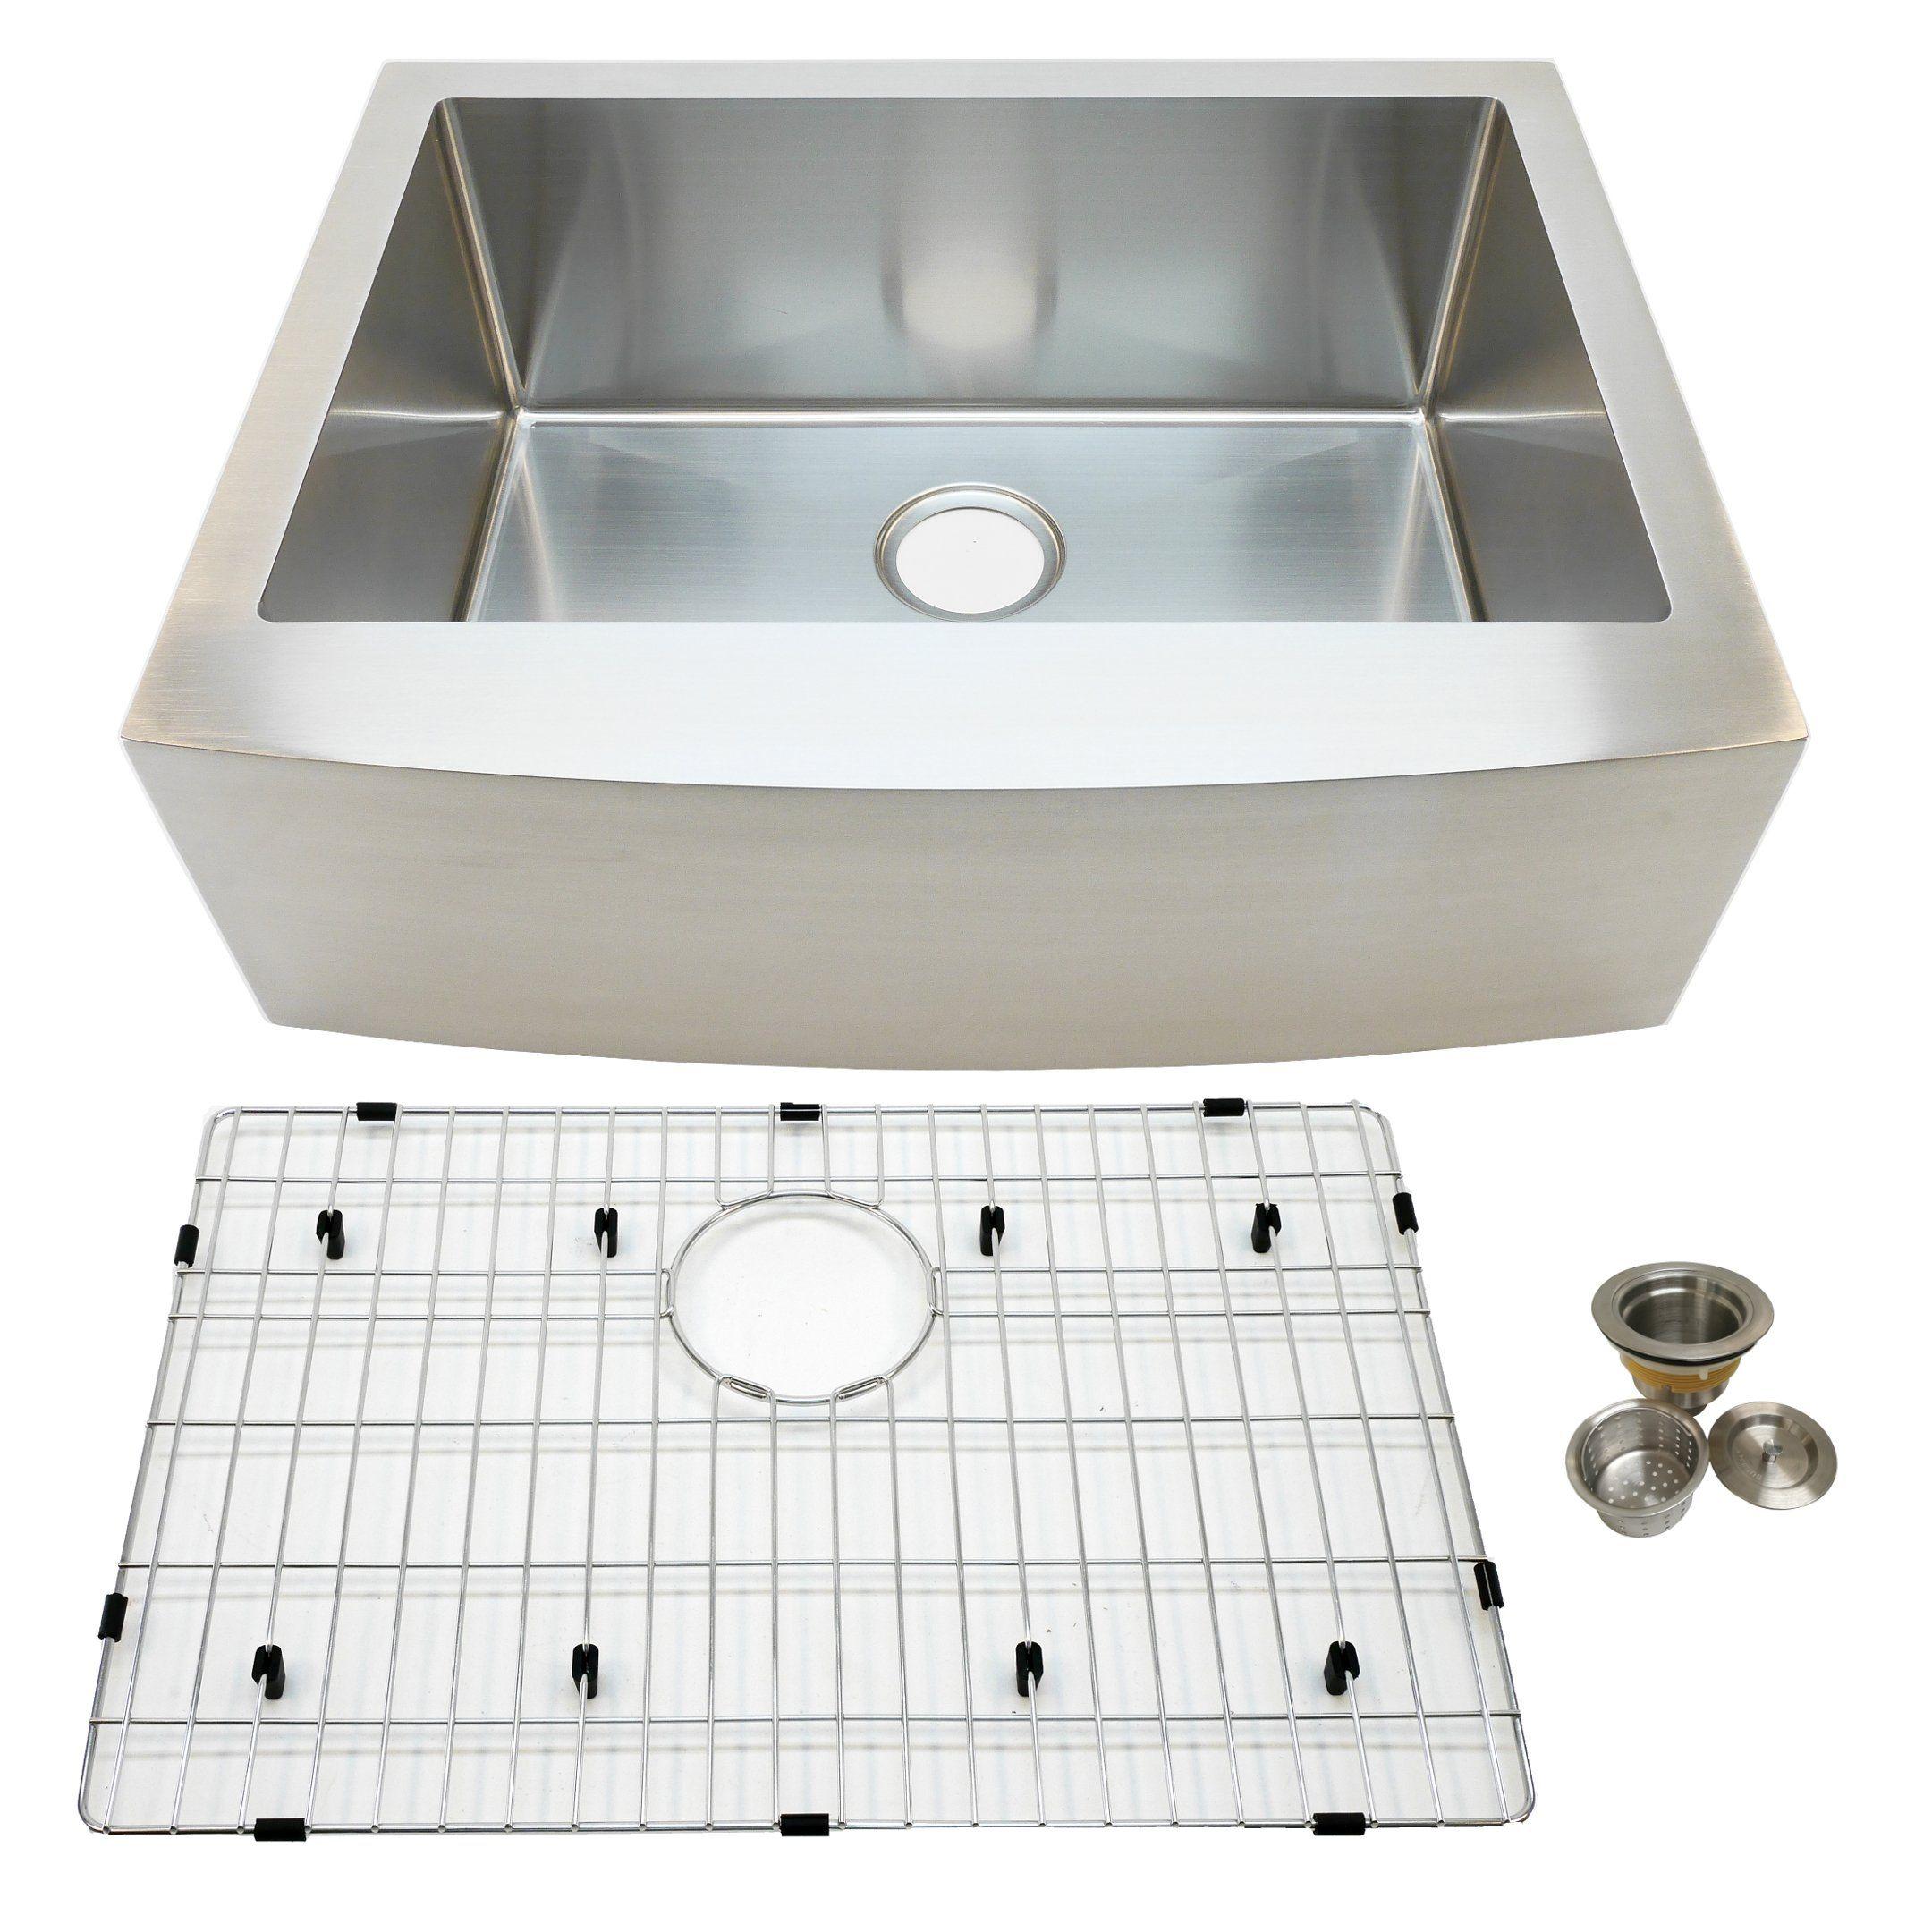 27 Single Bowl Sink Sink Stainless Steel Farmhouse Sink